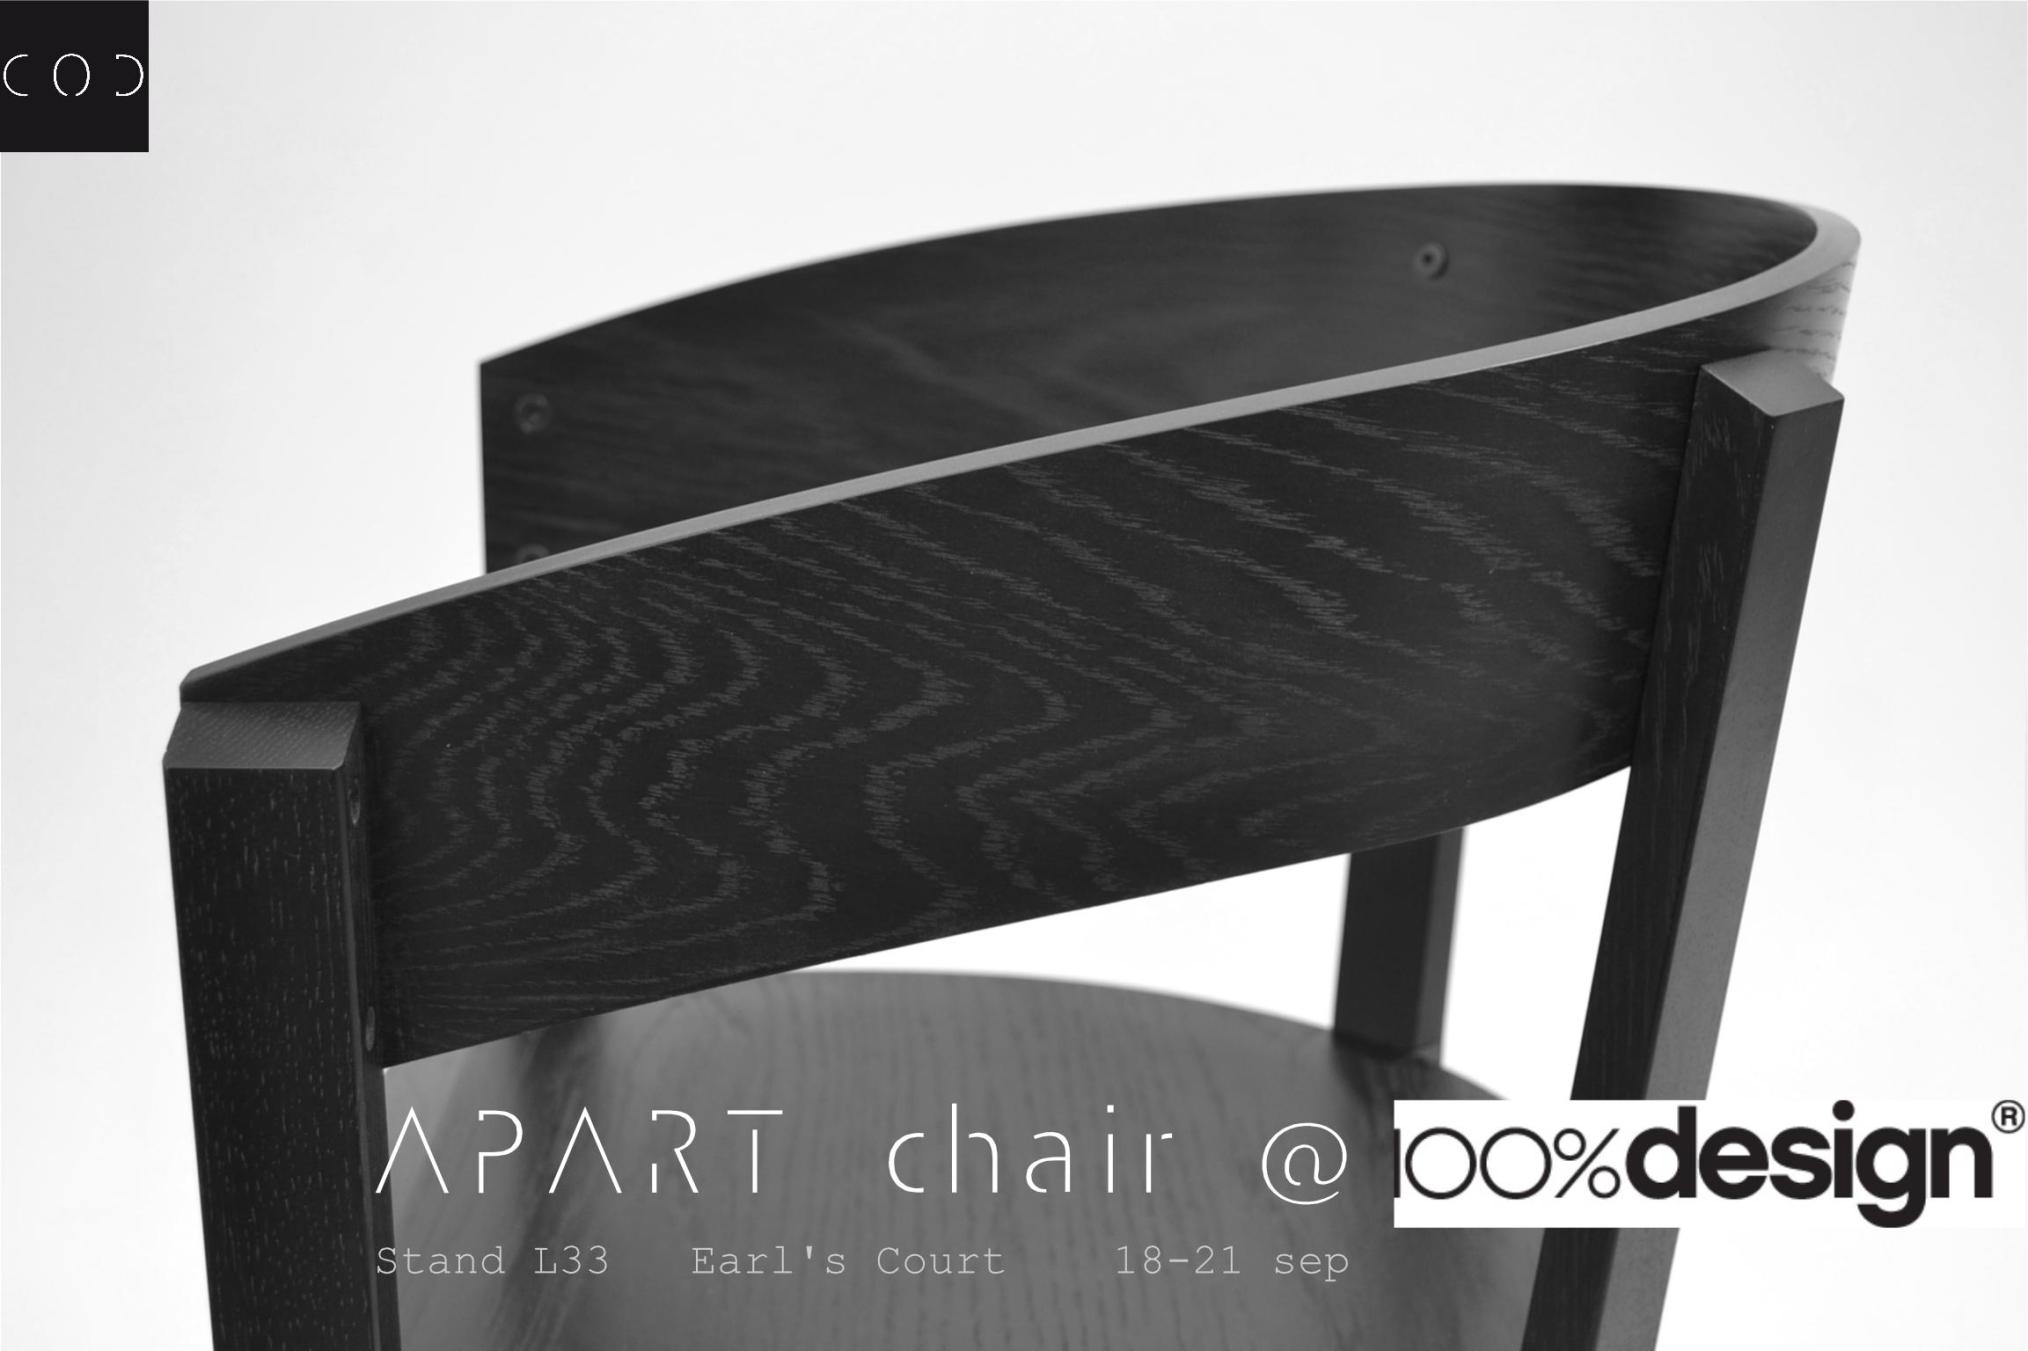 apart chair carlos ortega design